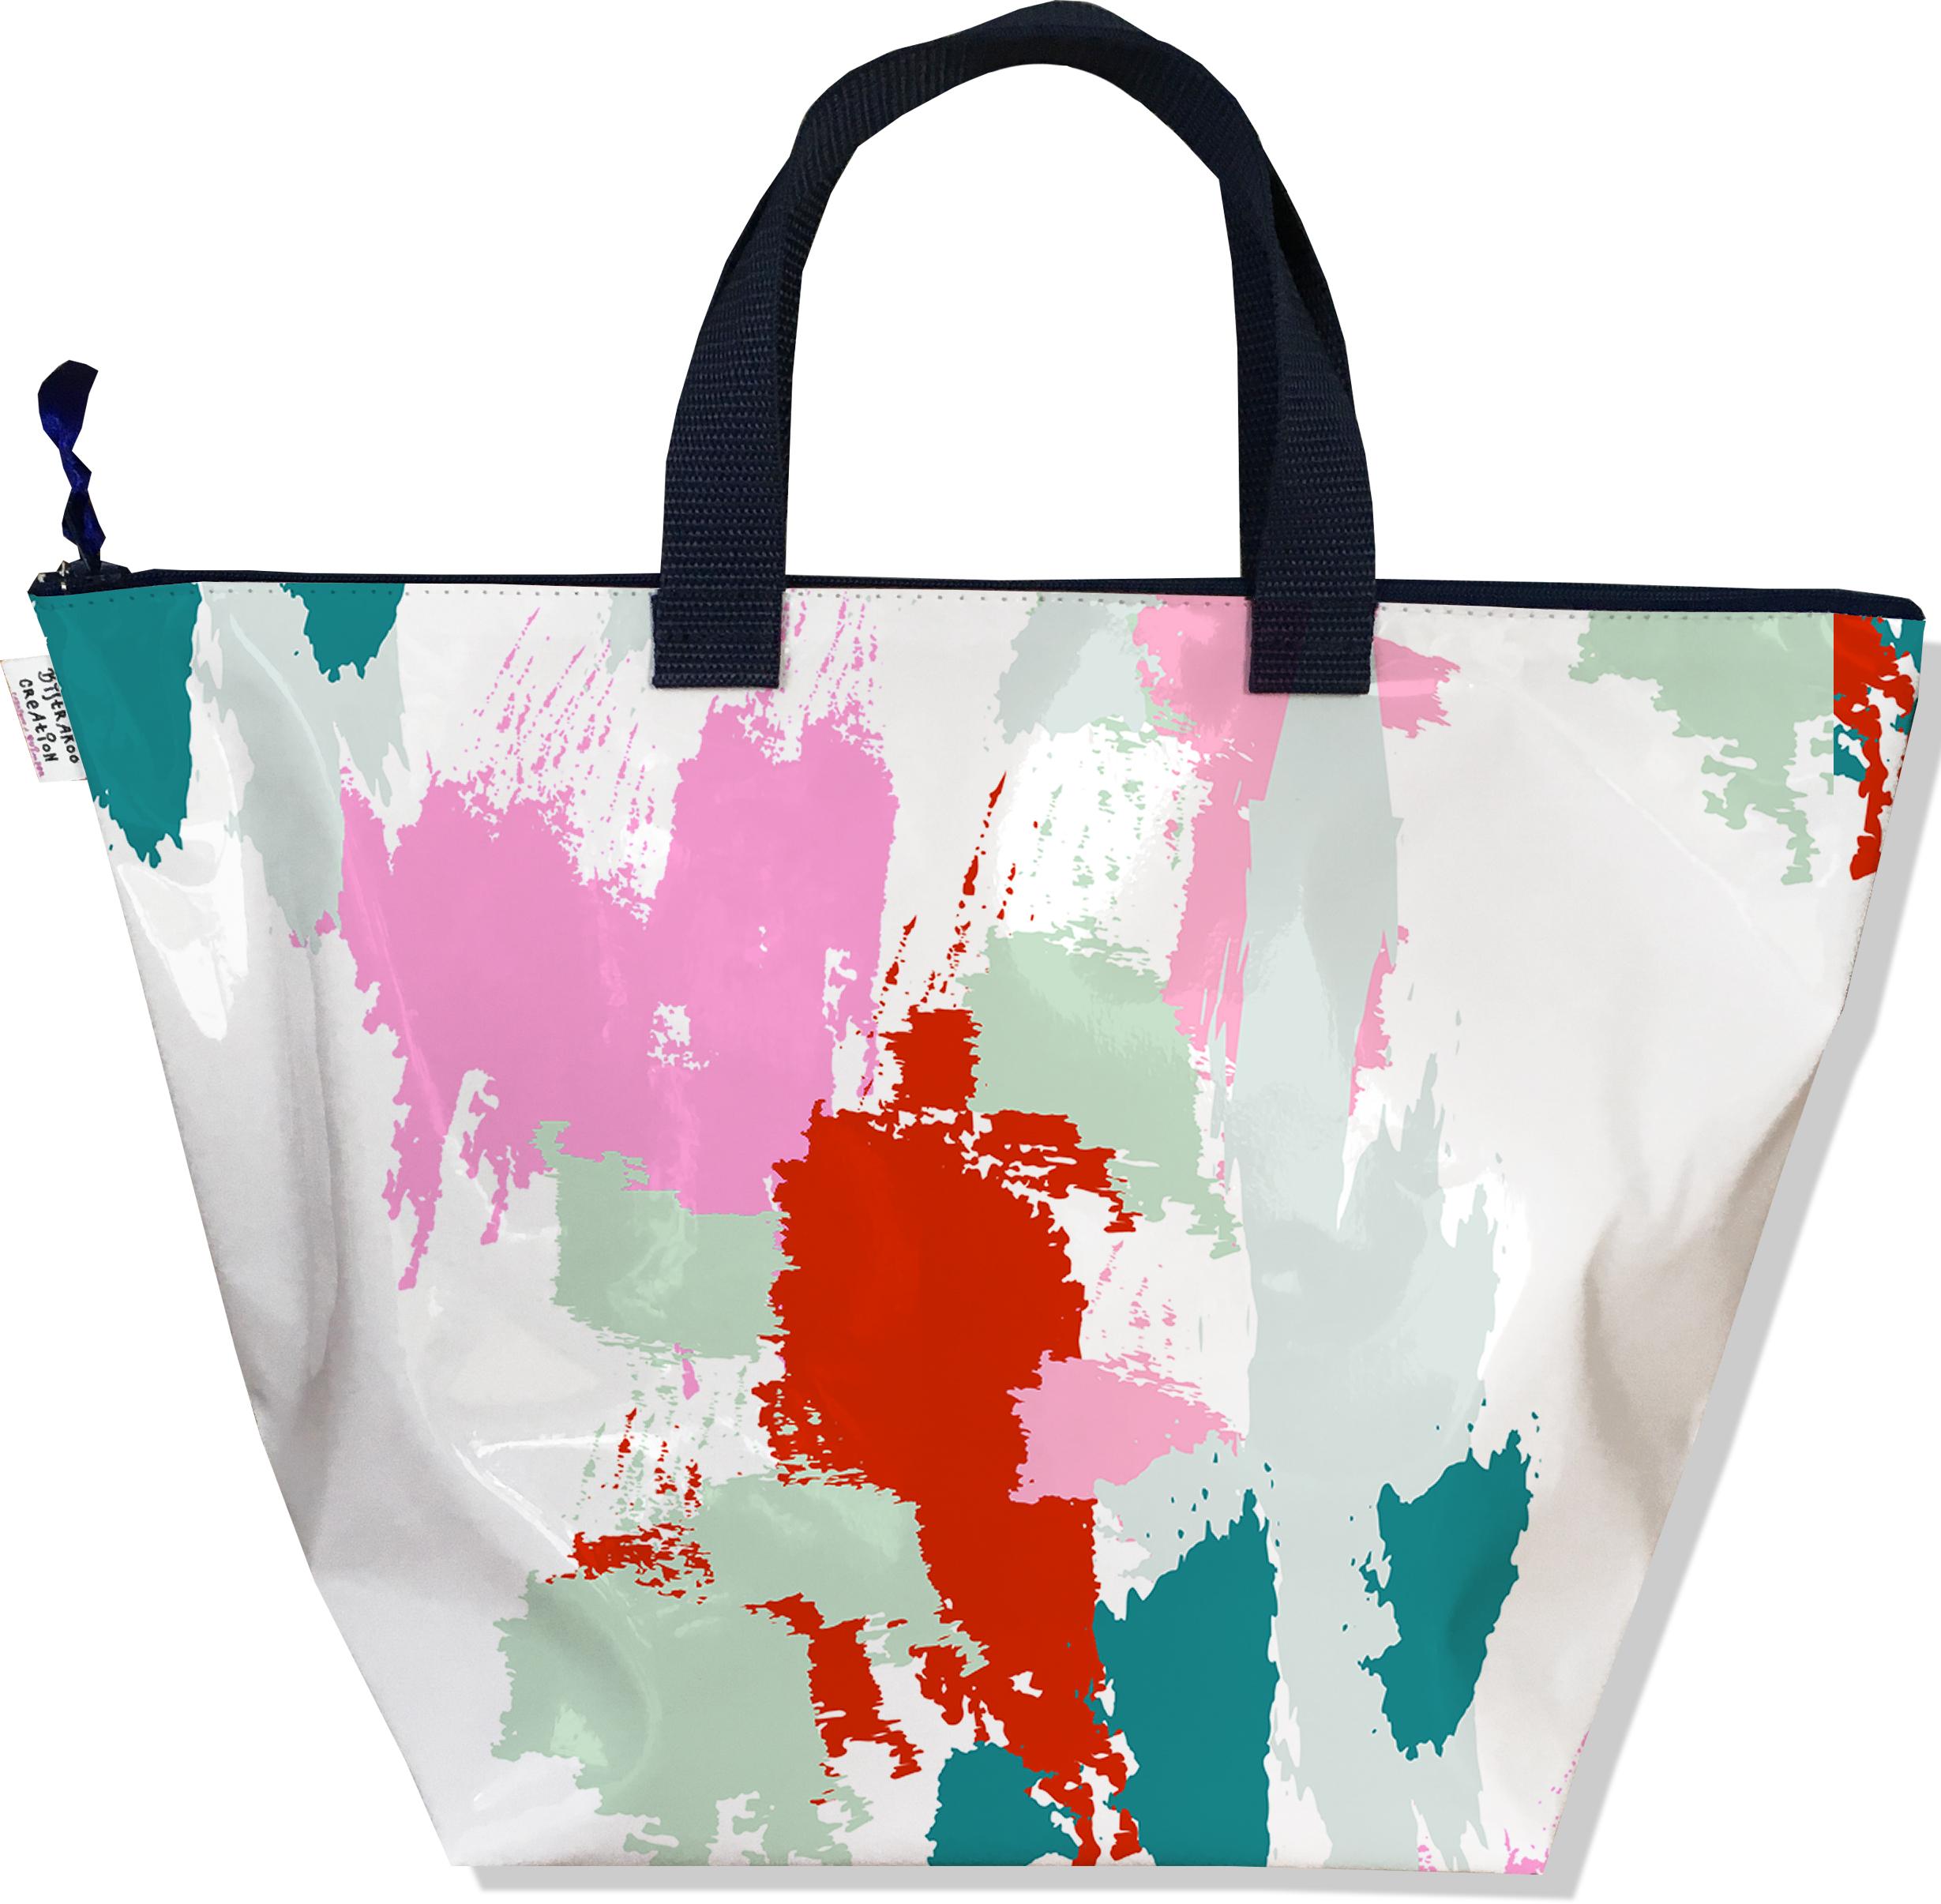 Sac à main zippé pour femme Taches Peinture multicolores SM6001